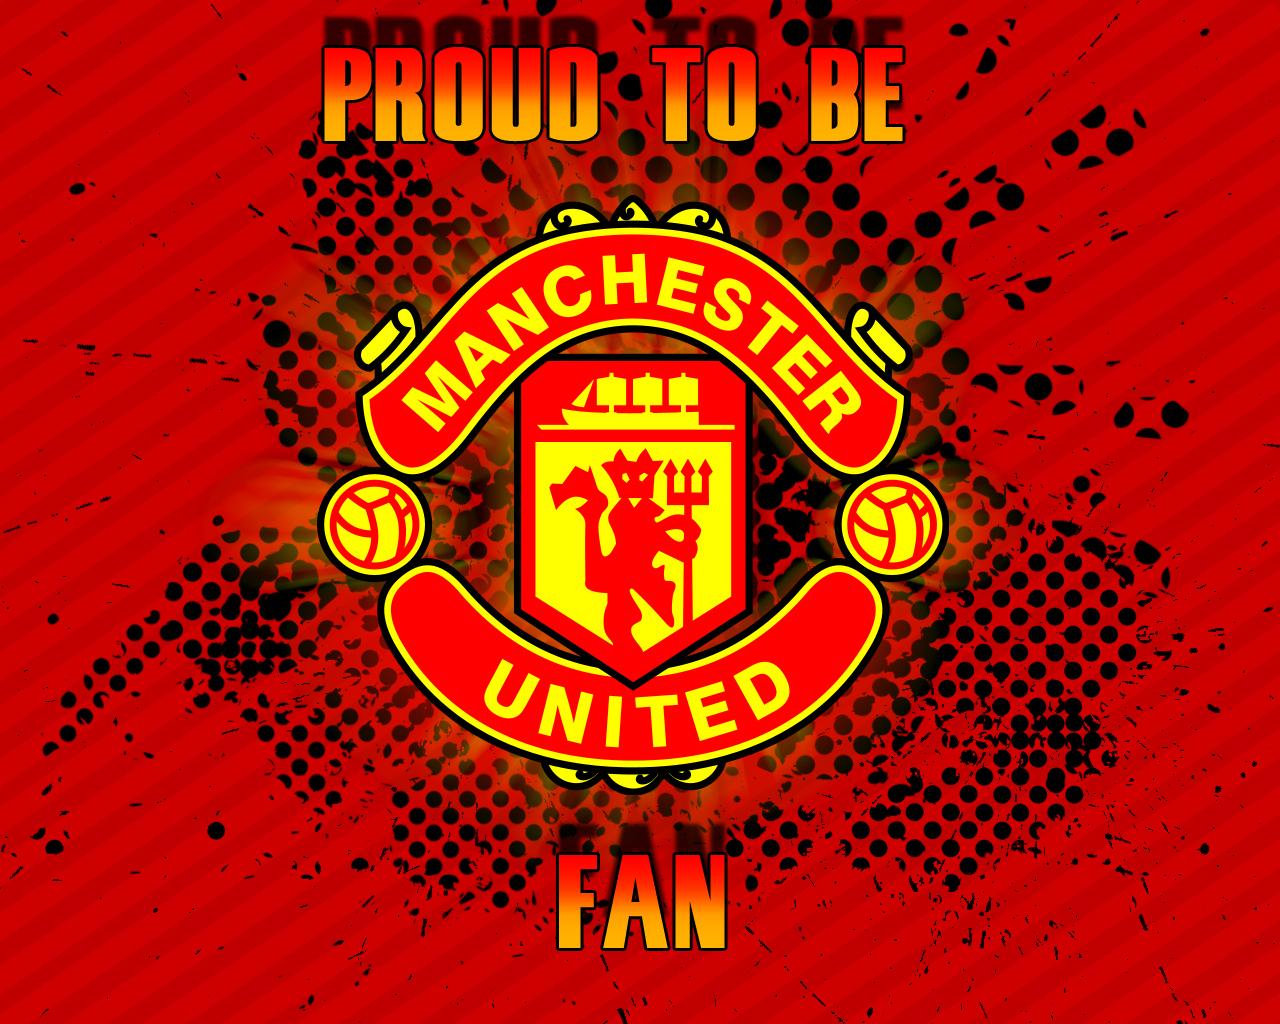 http://1.bp.blogspot.com/-KEJ65o4k5Xk/UPzlqZ9a3TI/AAAAAAAAGjU/-W1QTAr0CjM/s1600/Manchester-United-wallpaper-2013-02.jpg